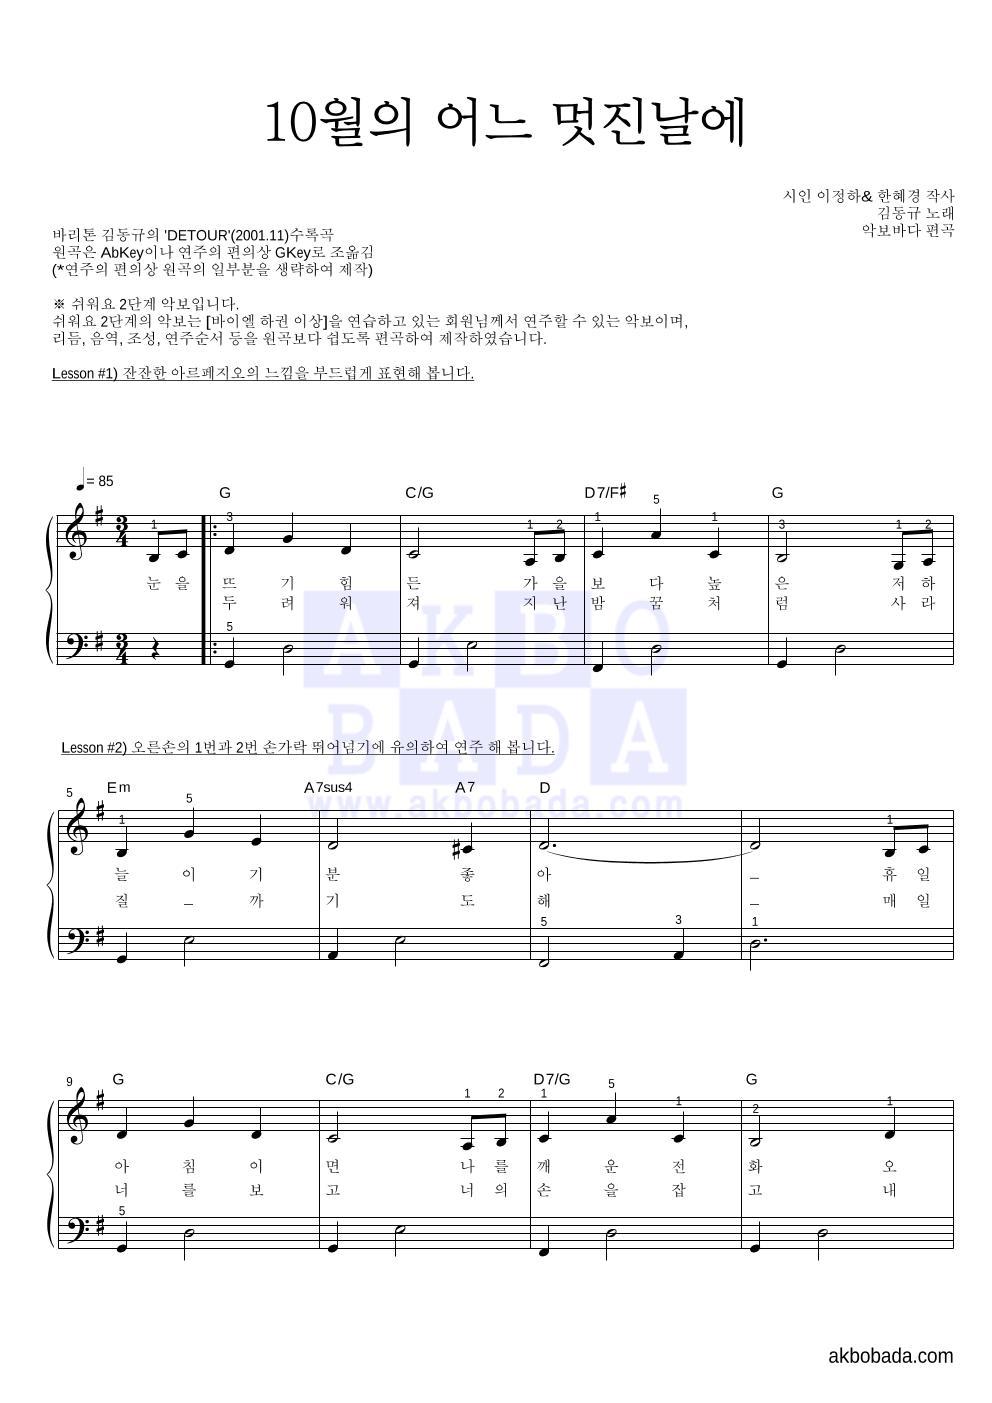 김동규 - 10월의 어느 멋진날에  악보